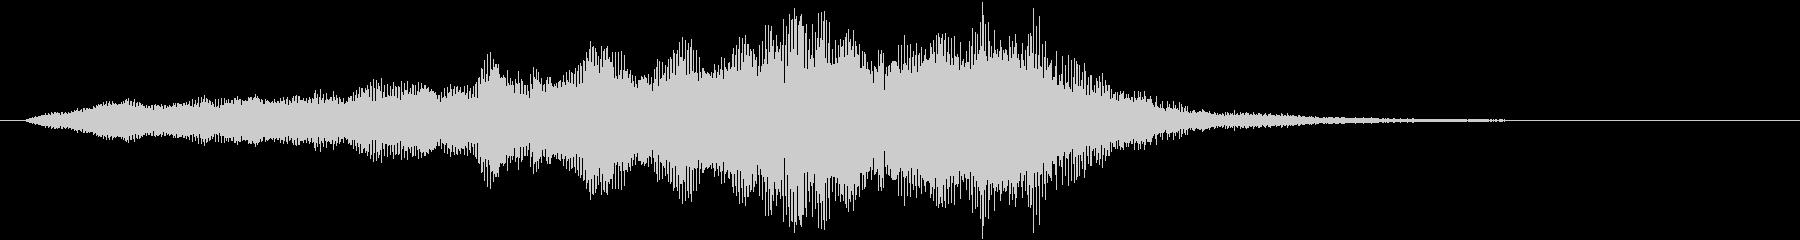 中世 ジングルオーケストラニュート...の未再生の波形